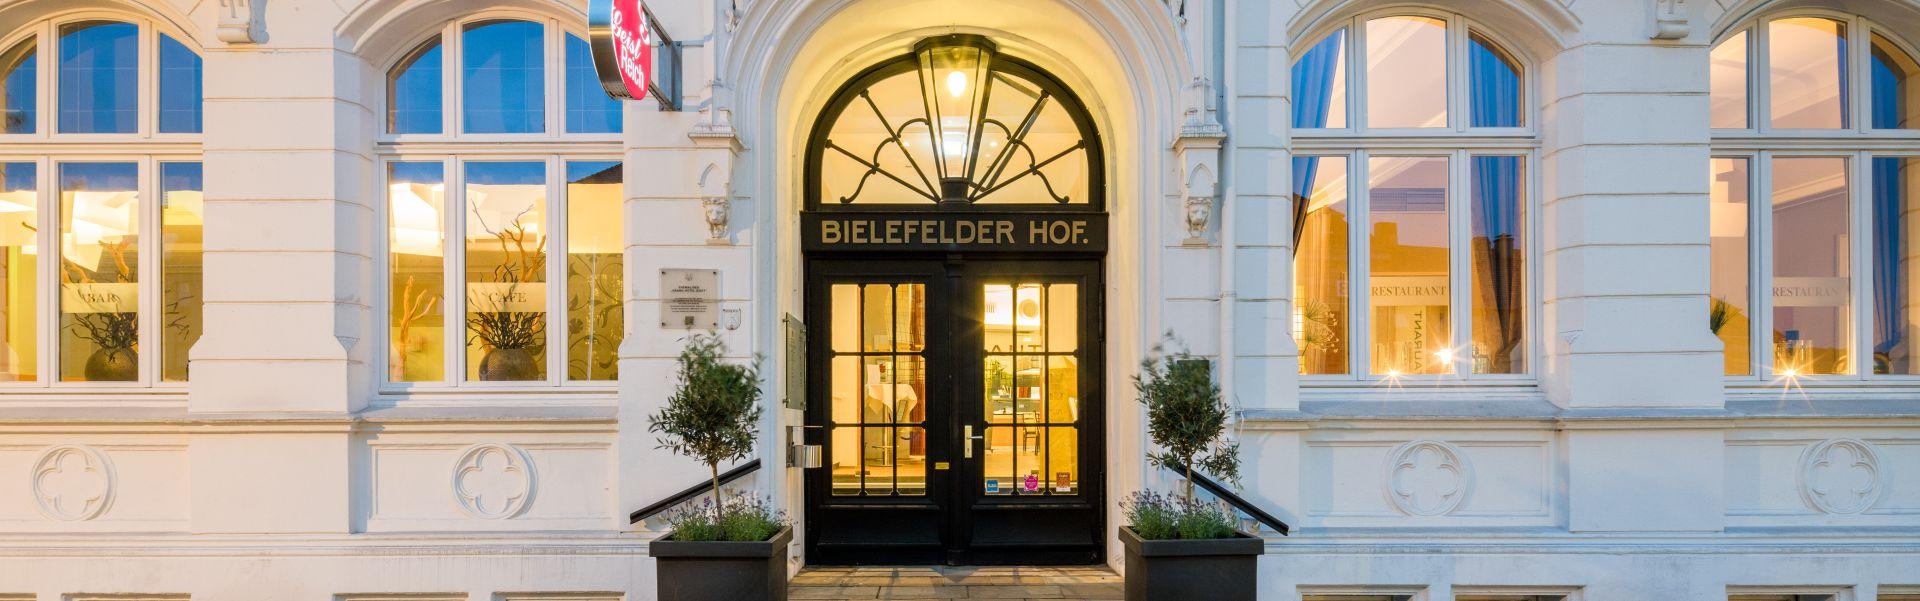 Bielefelder Hof